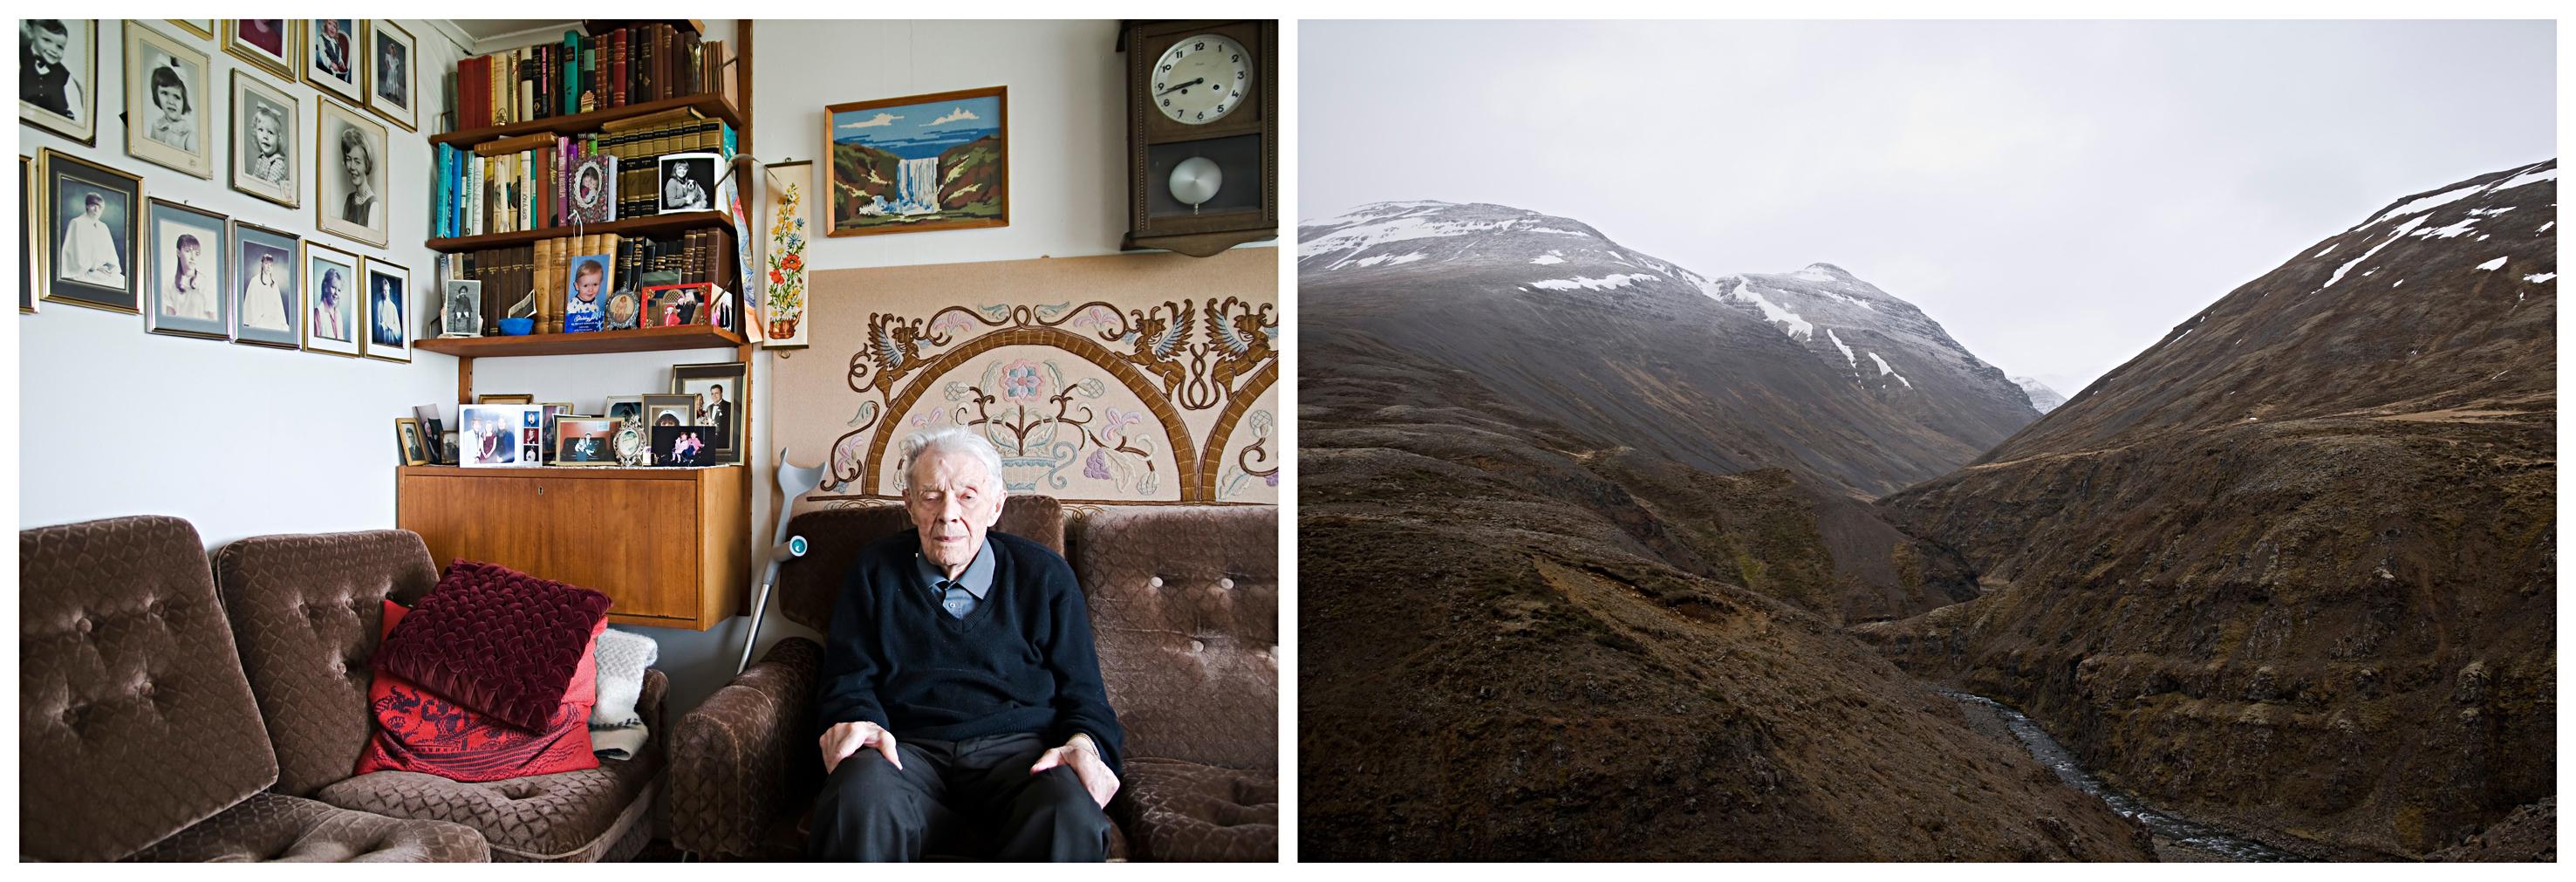 Porträt und Landschaftsaufnahme aus Island